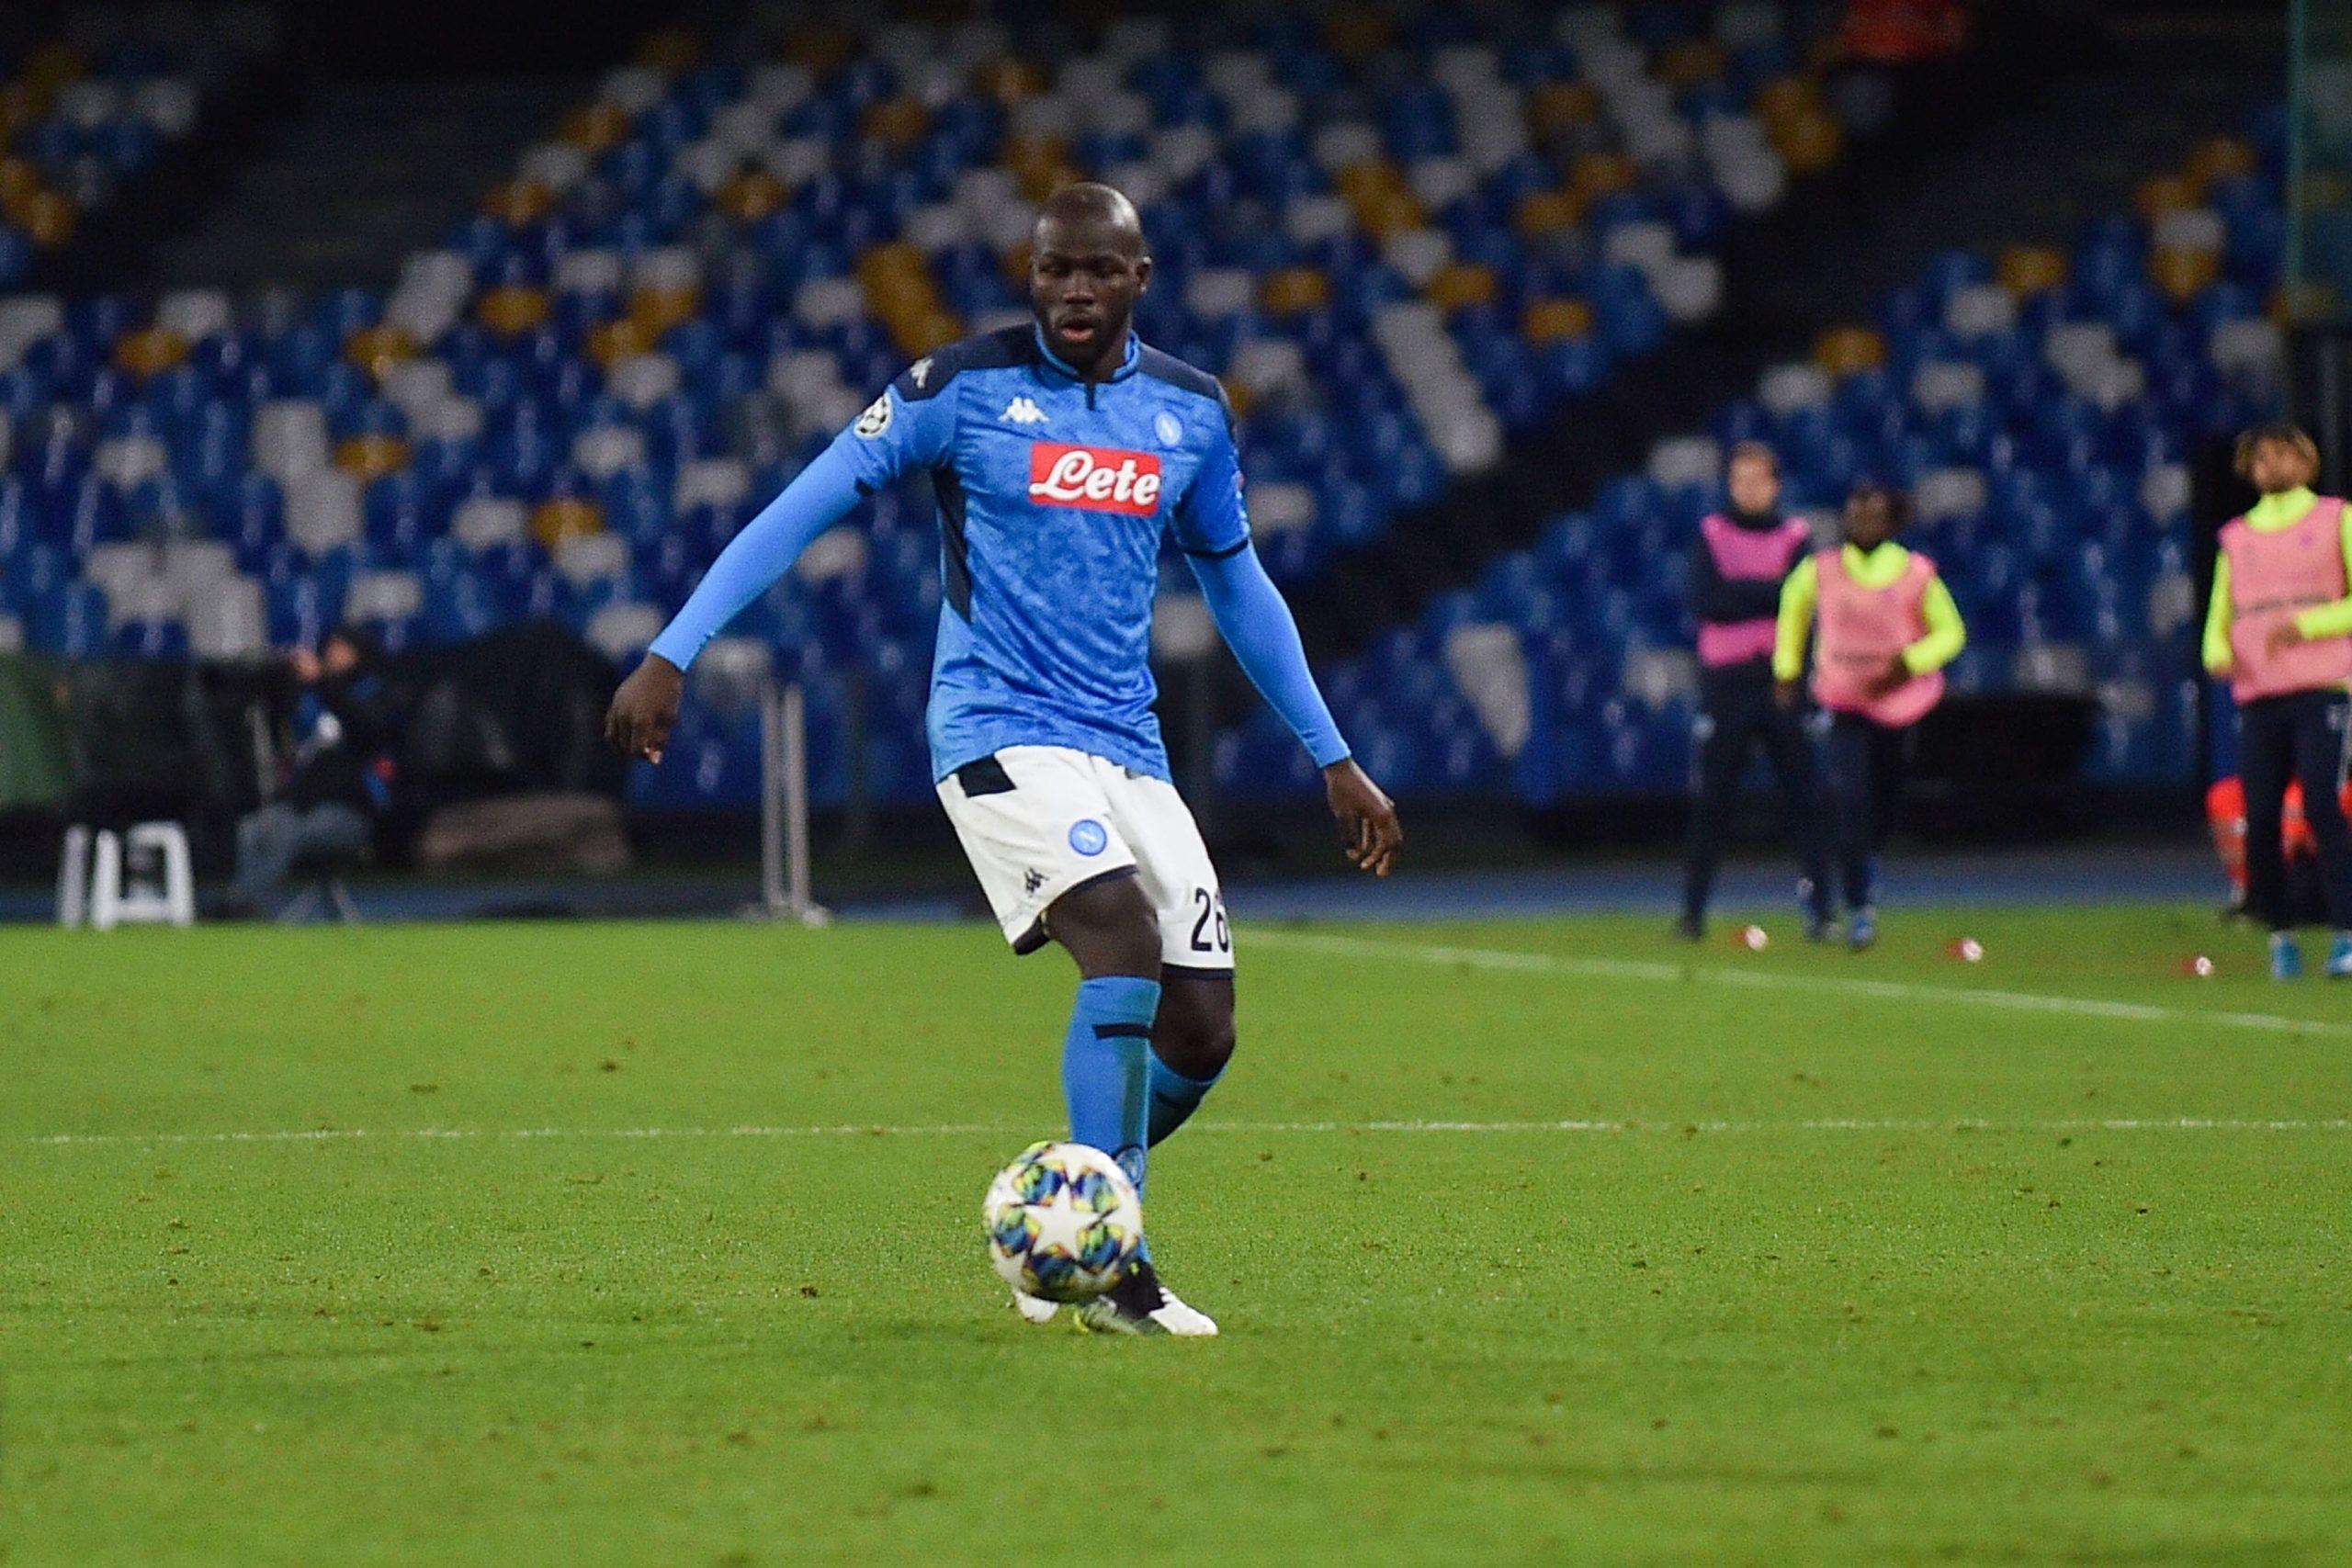 Mercato - Le PSG prépare une offre pour Koulibaly et est optimiste, annonce ESPN